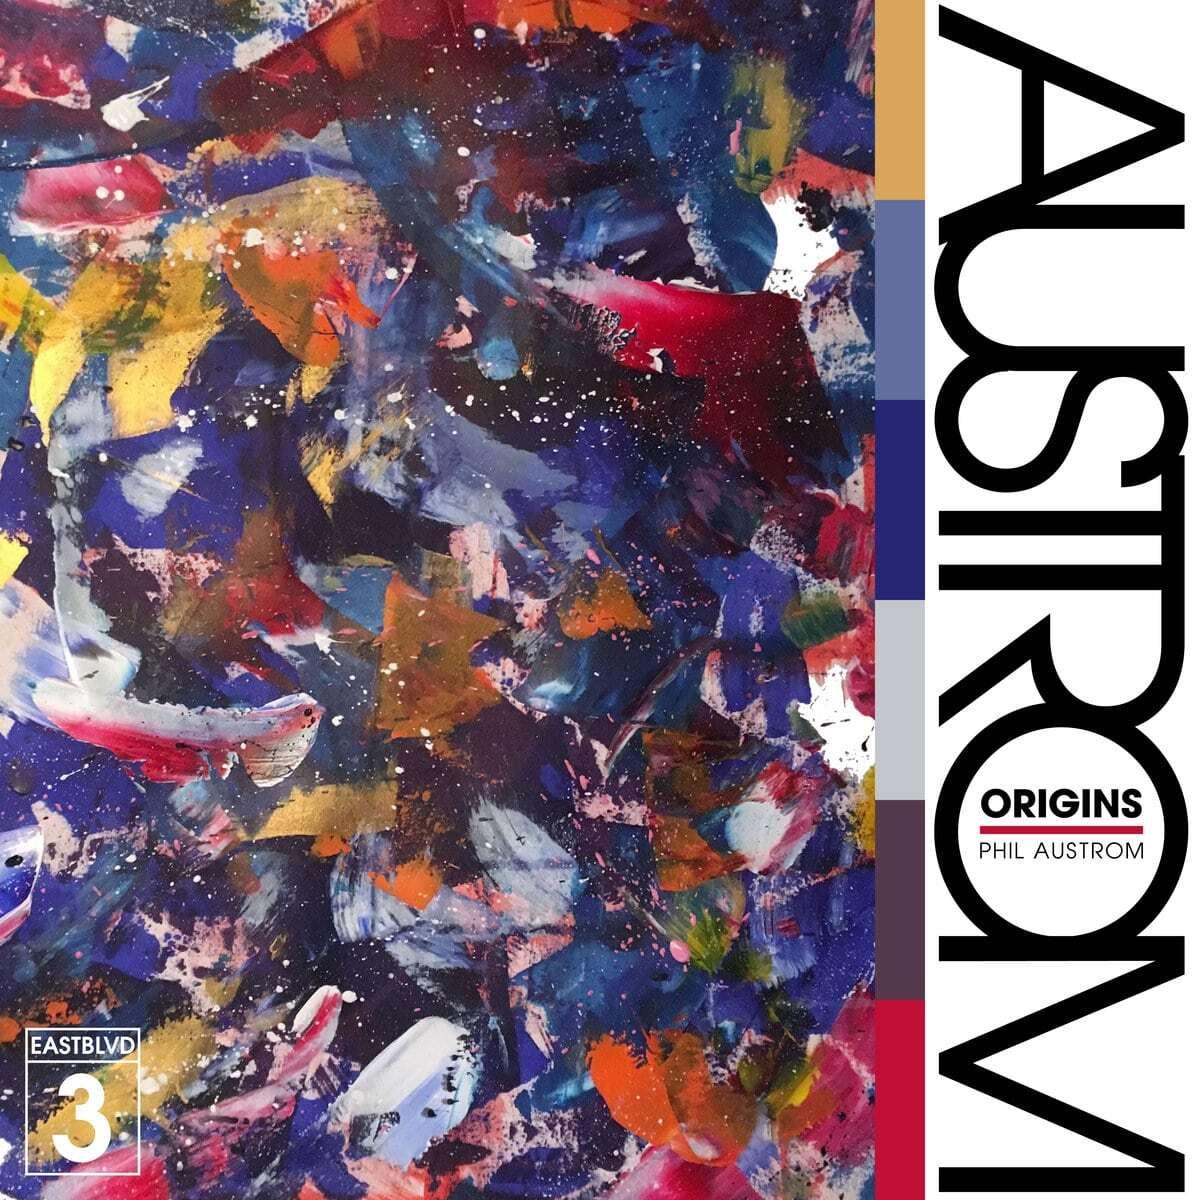 Phil Austrom - Origins